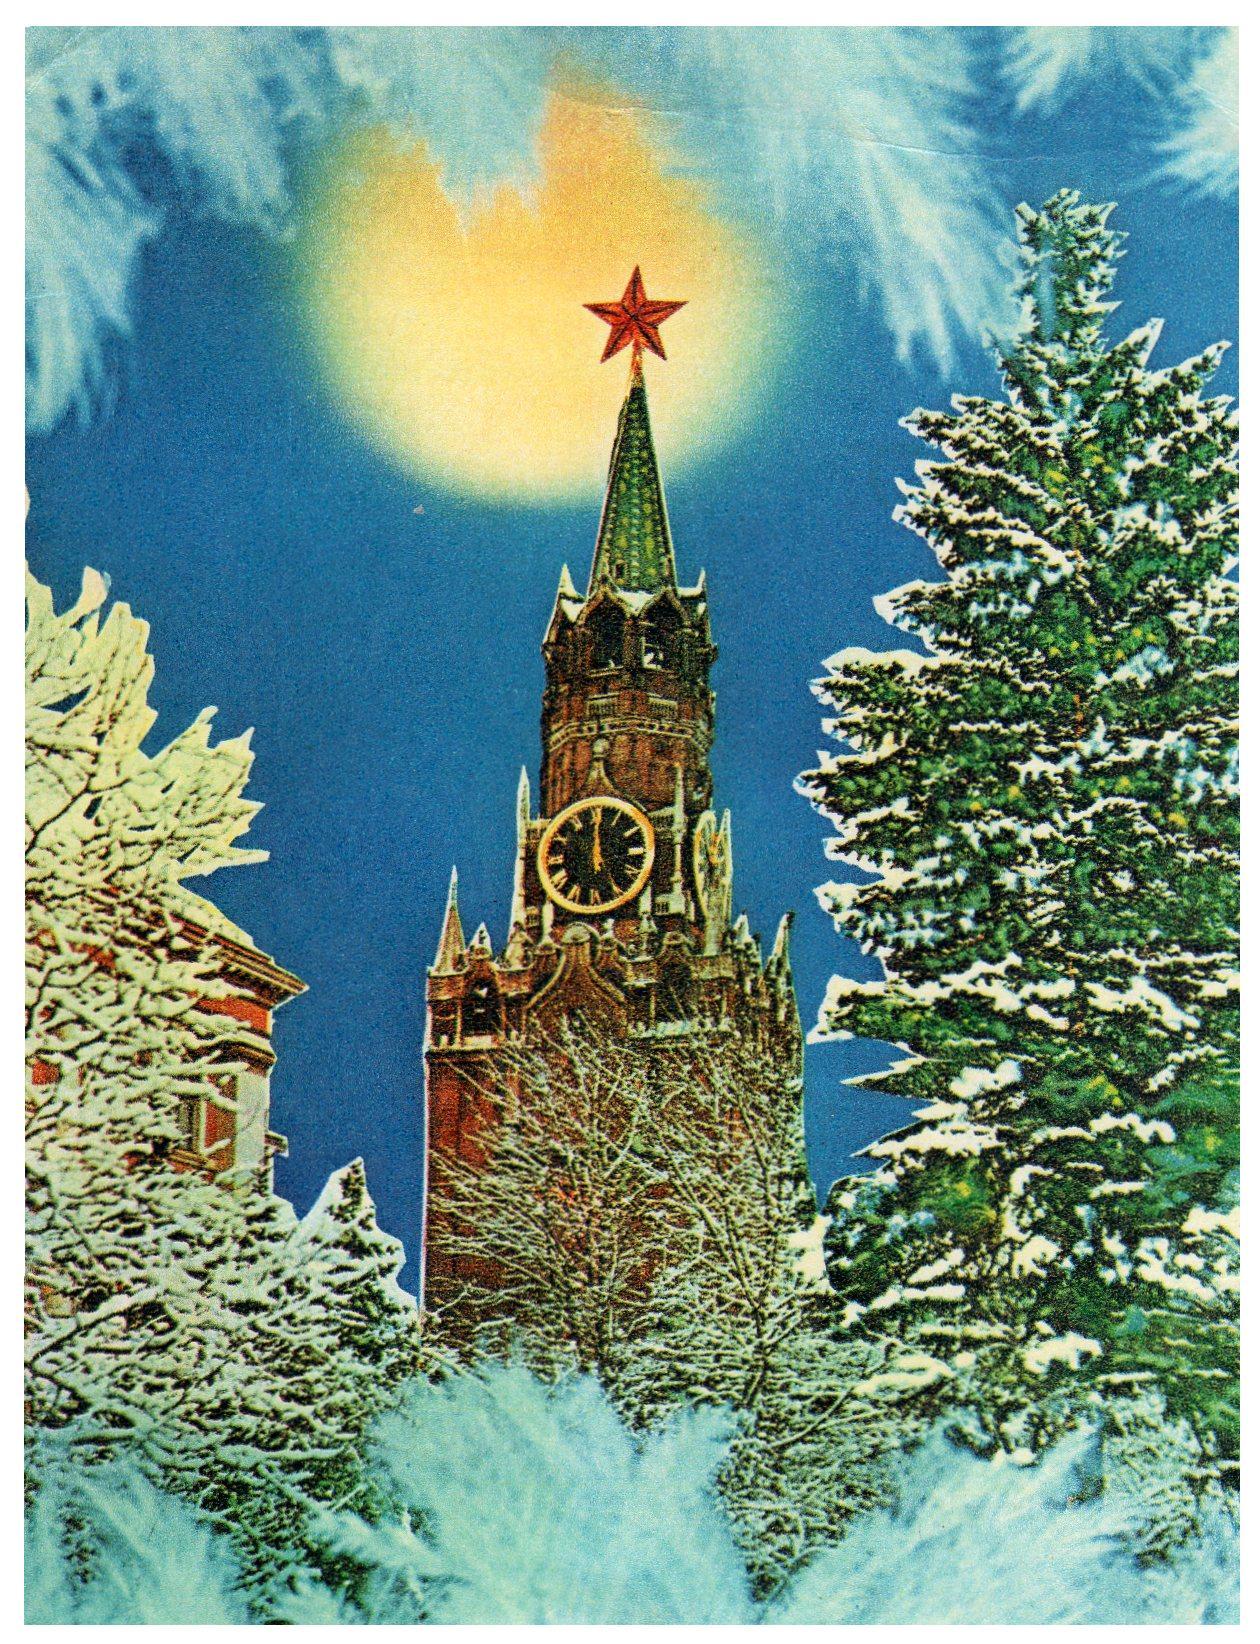 Сквозь заснеженные ели видны кремлевские часы. Почти 12. С Новым годом!